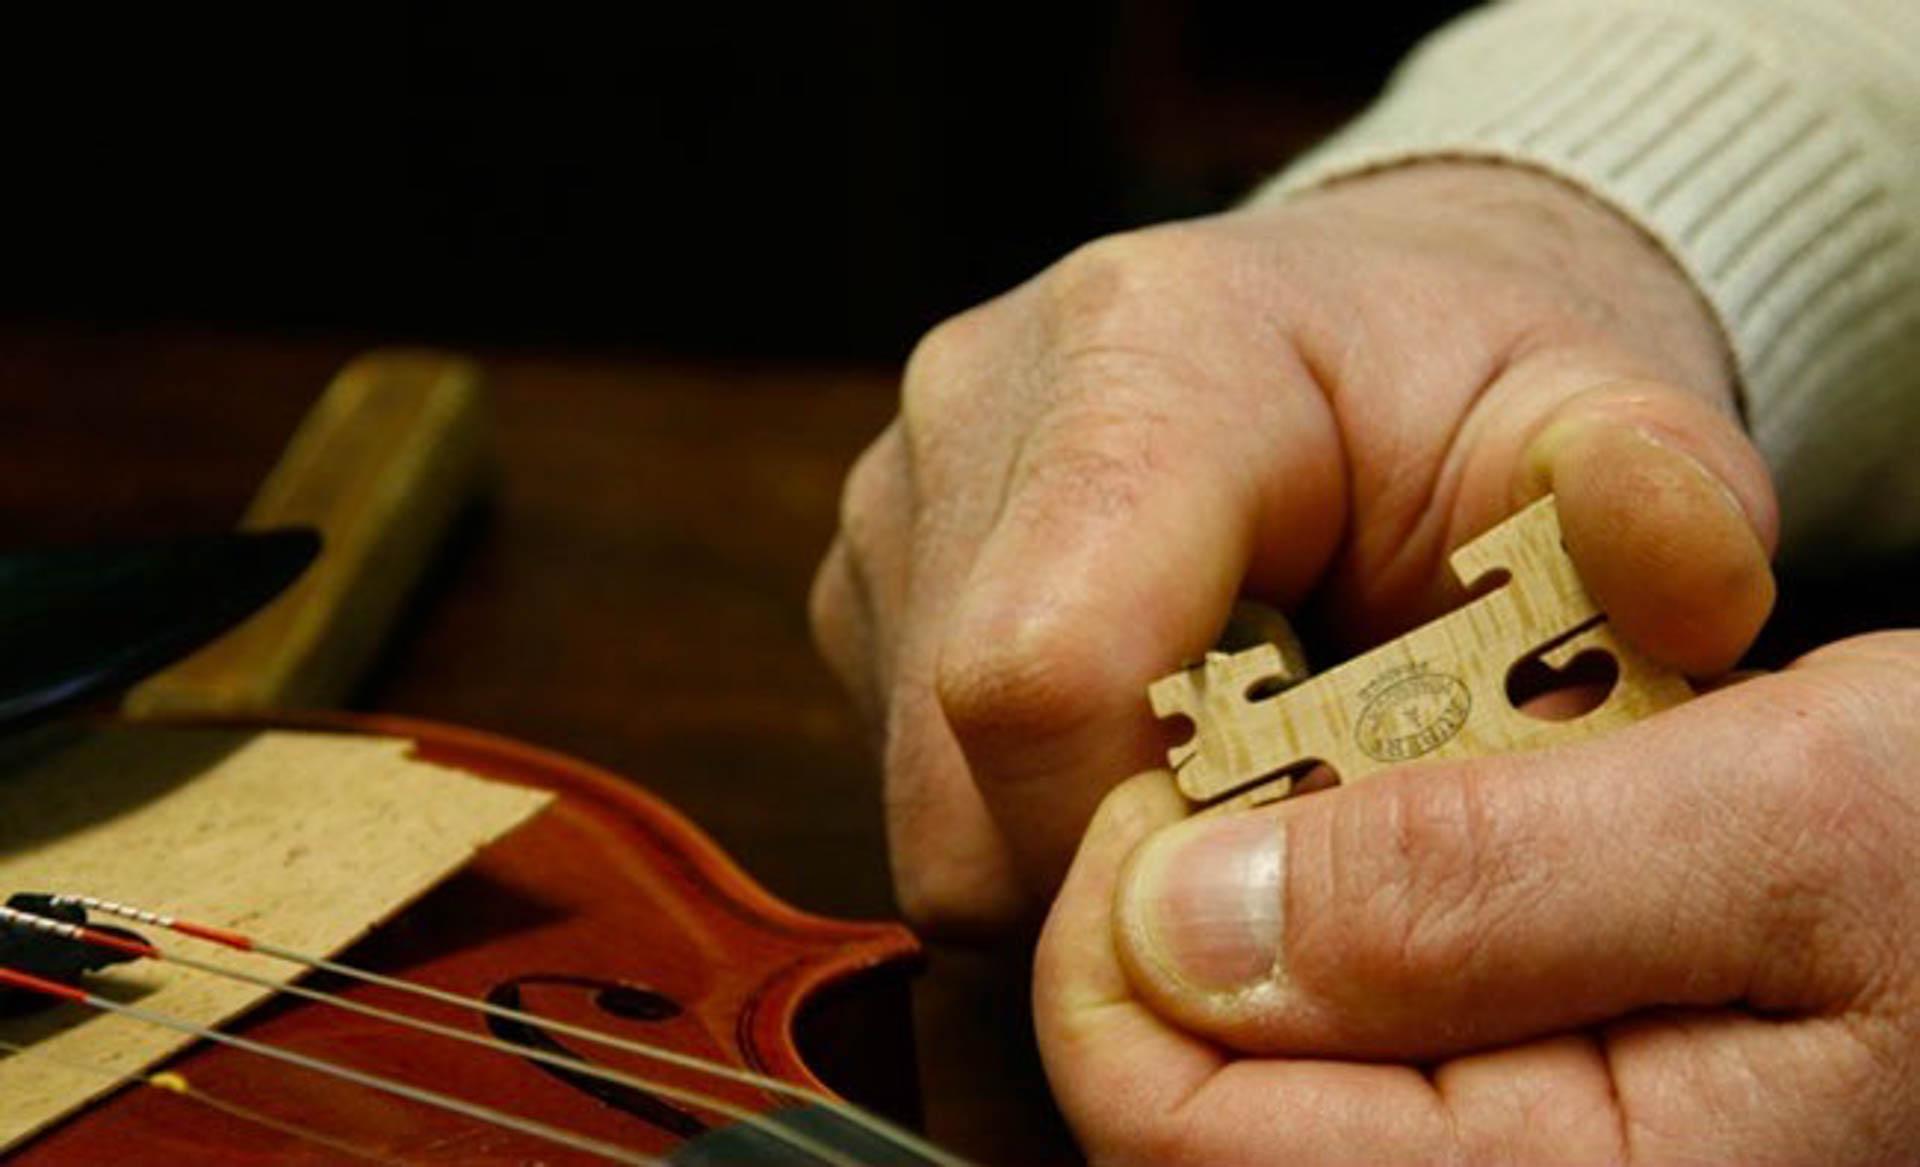 Vente, location, réparation, accord d'instruments de musique à Belfort (90)